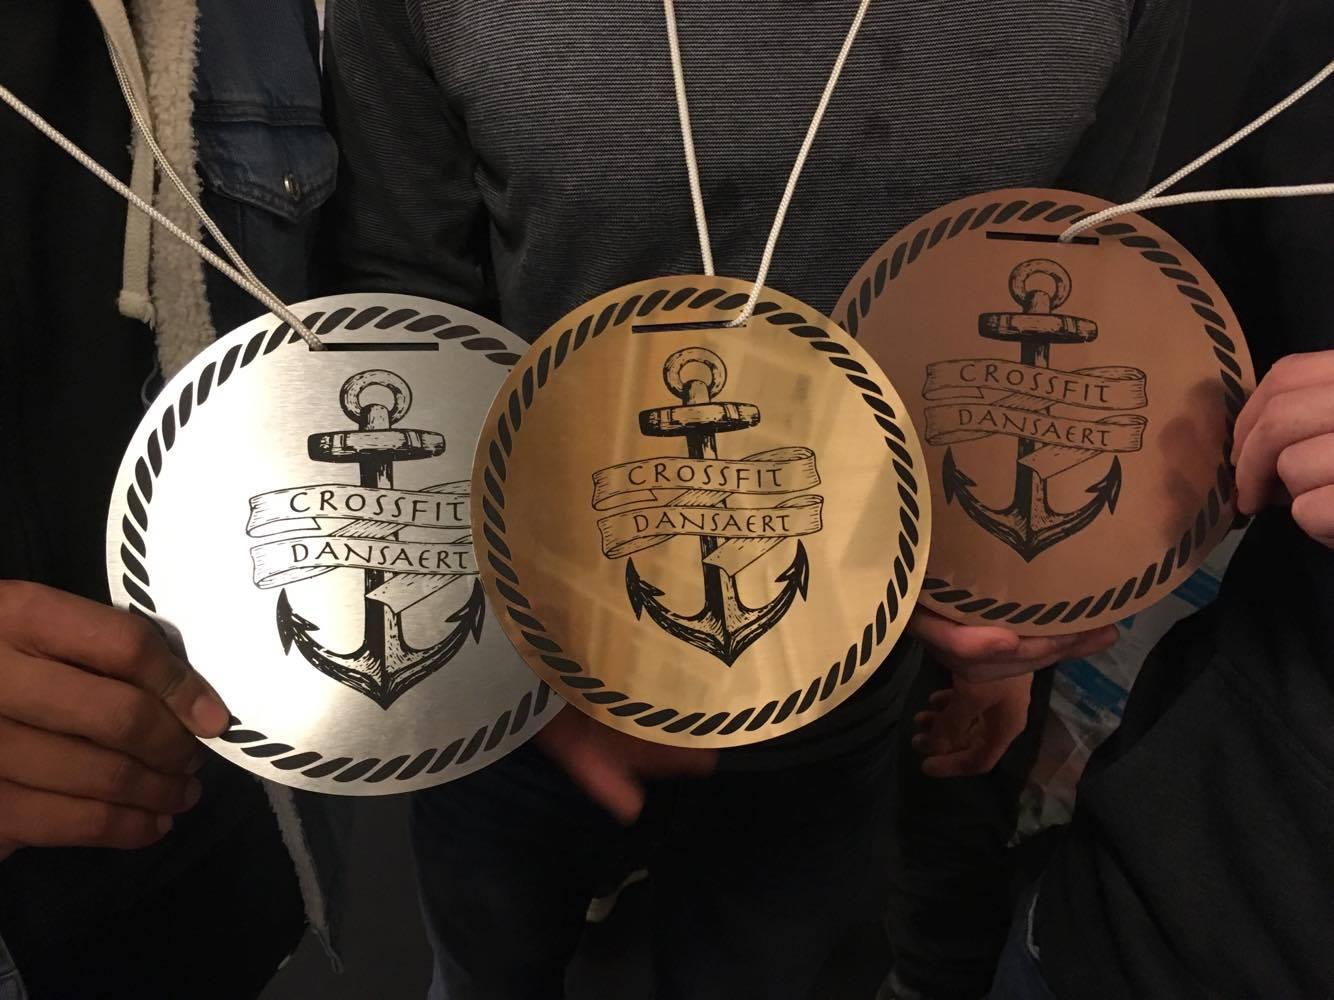 Médailles de récompense pour le Crossfit Dansaert - Bruxelles -  https://crossfitdansaert.be/